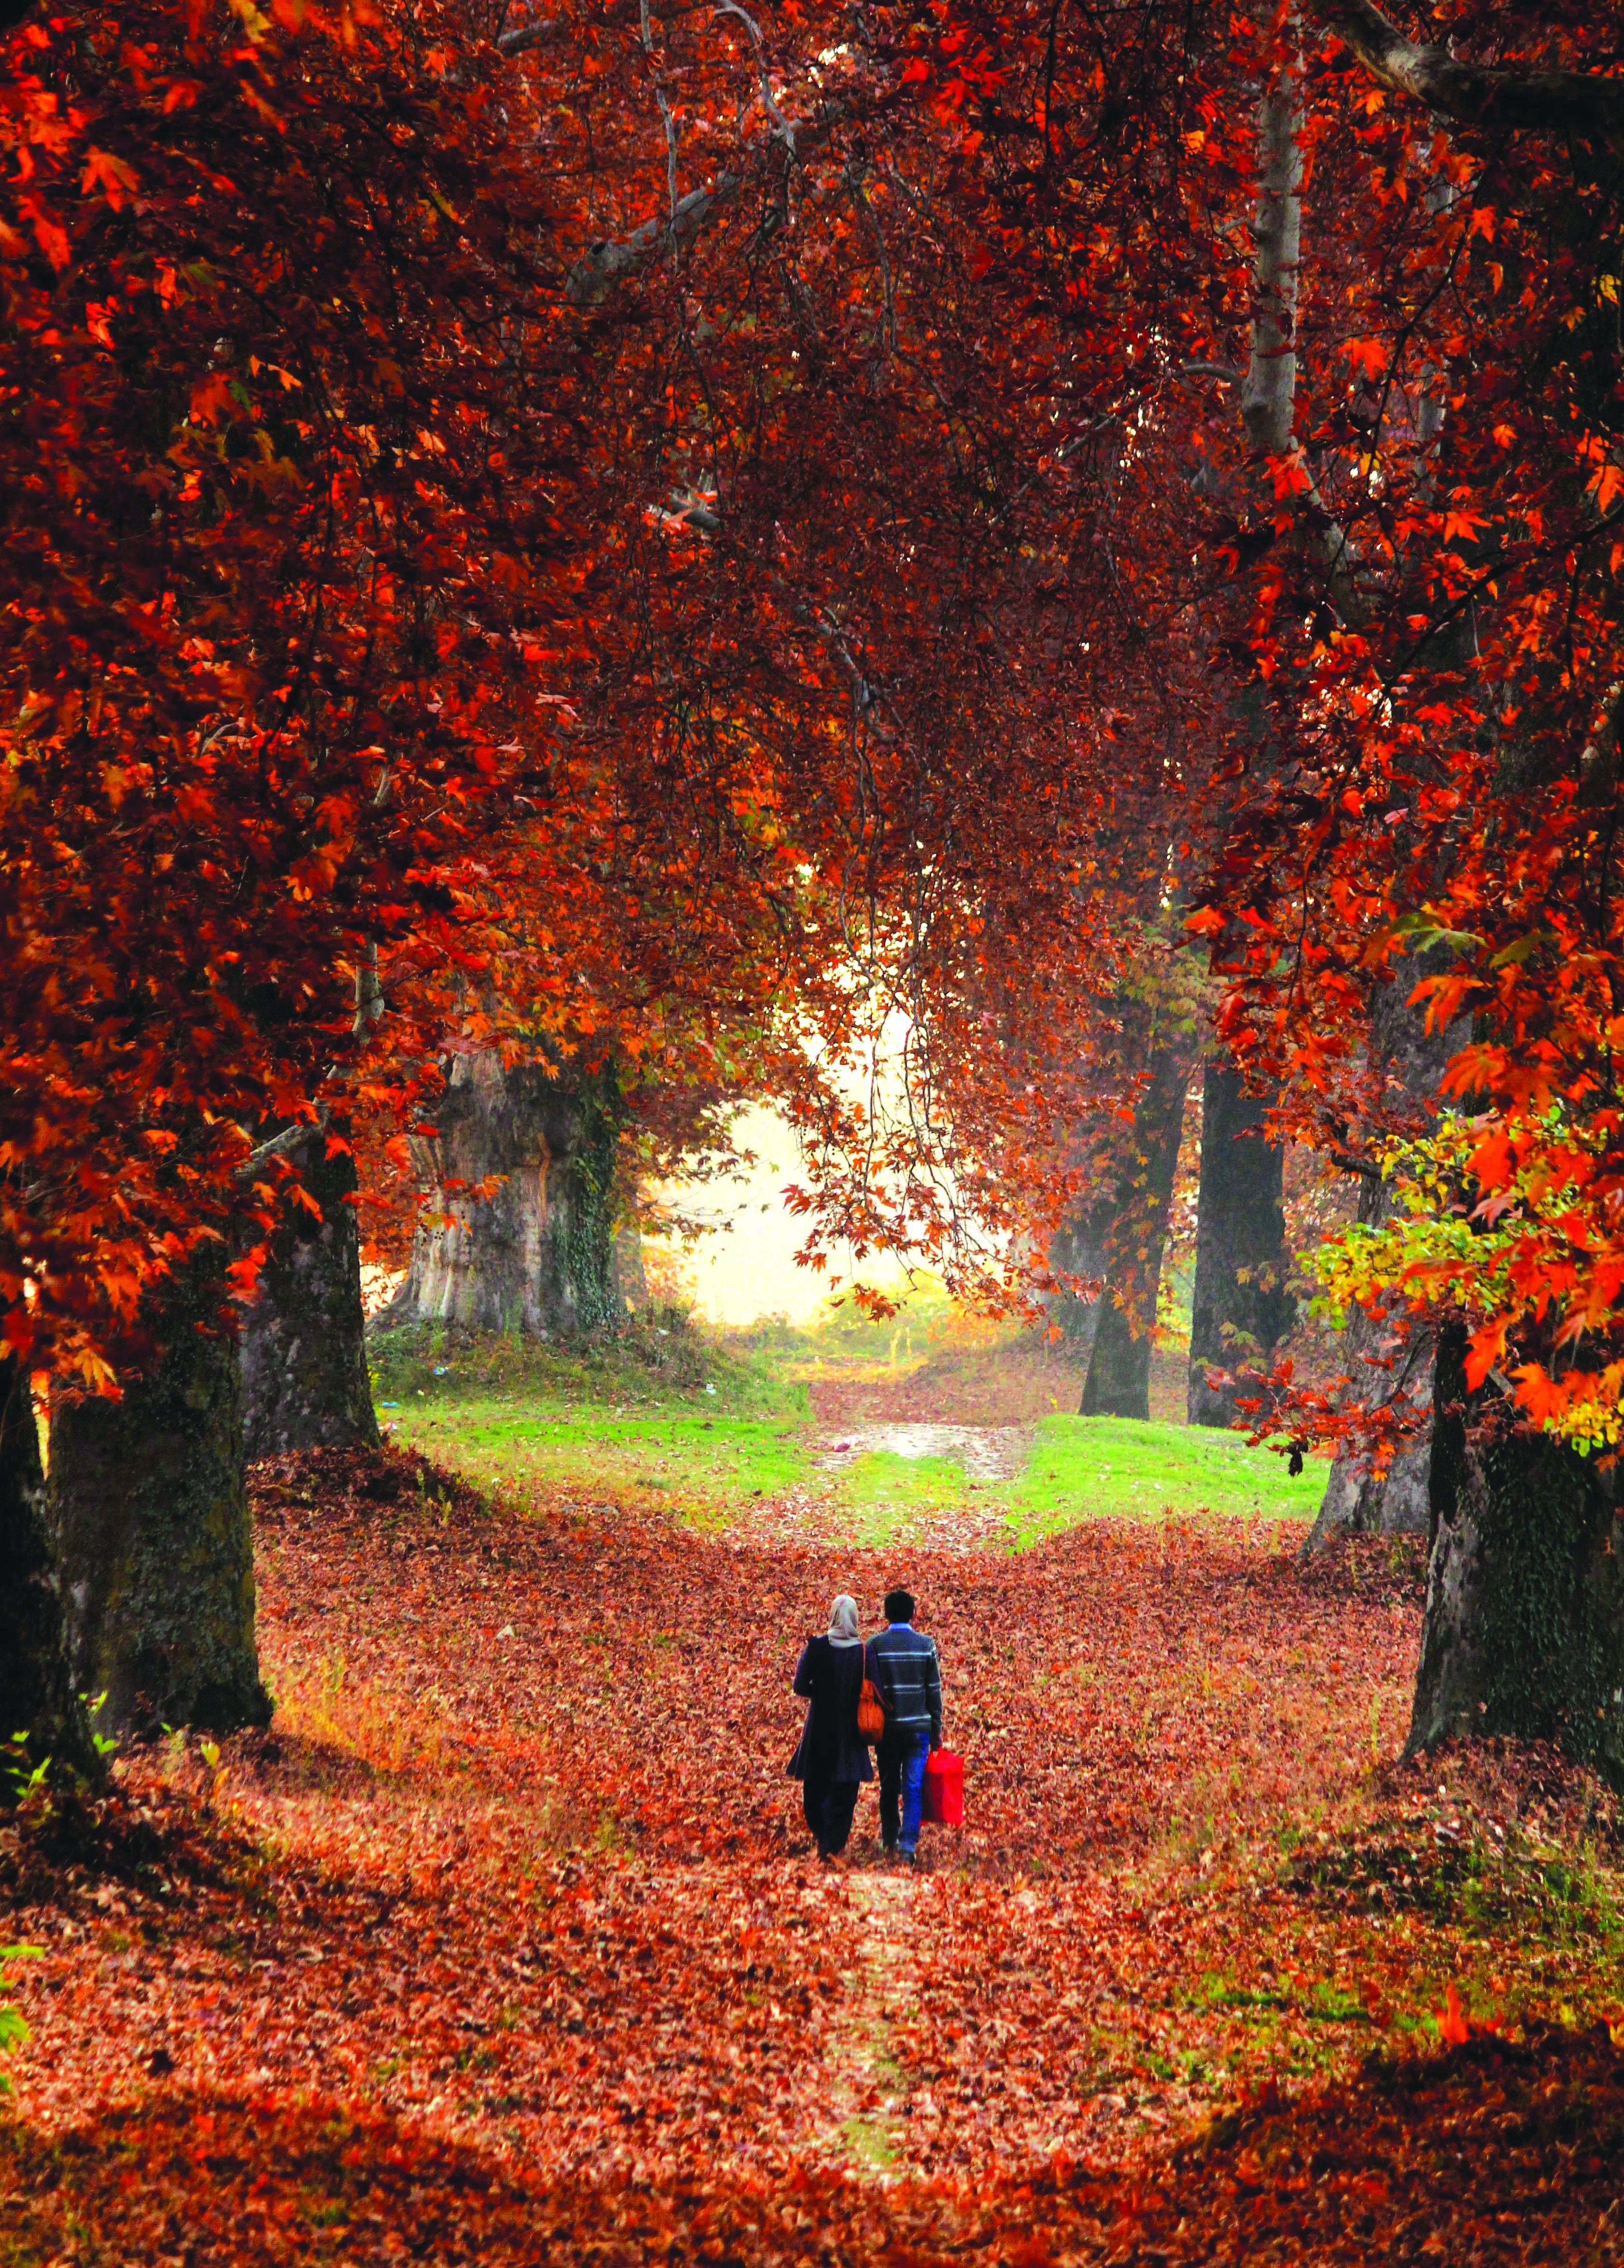 the autumn tears